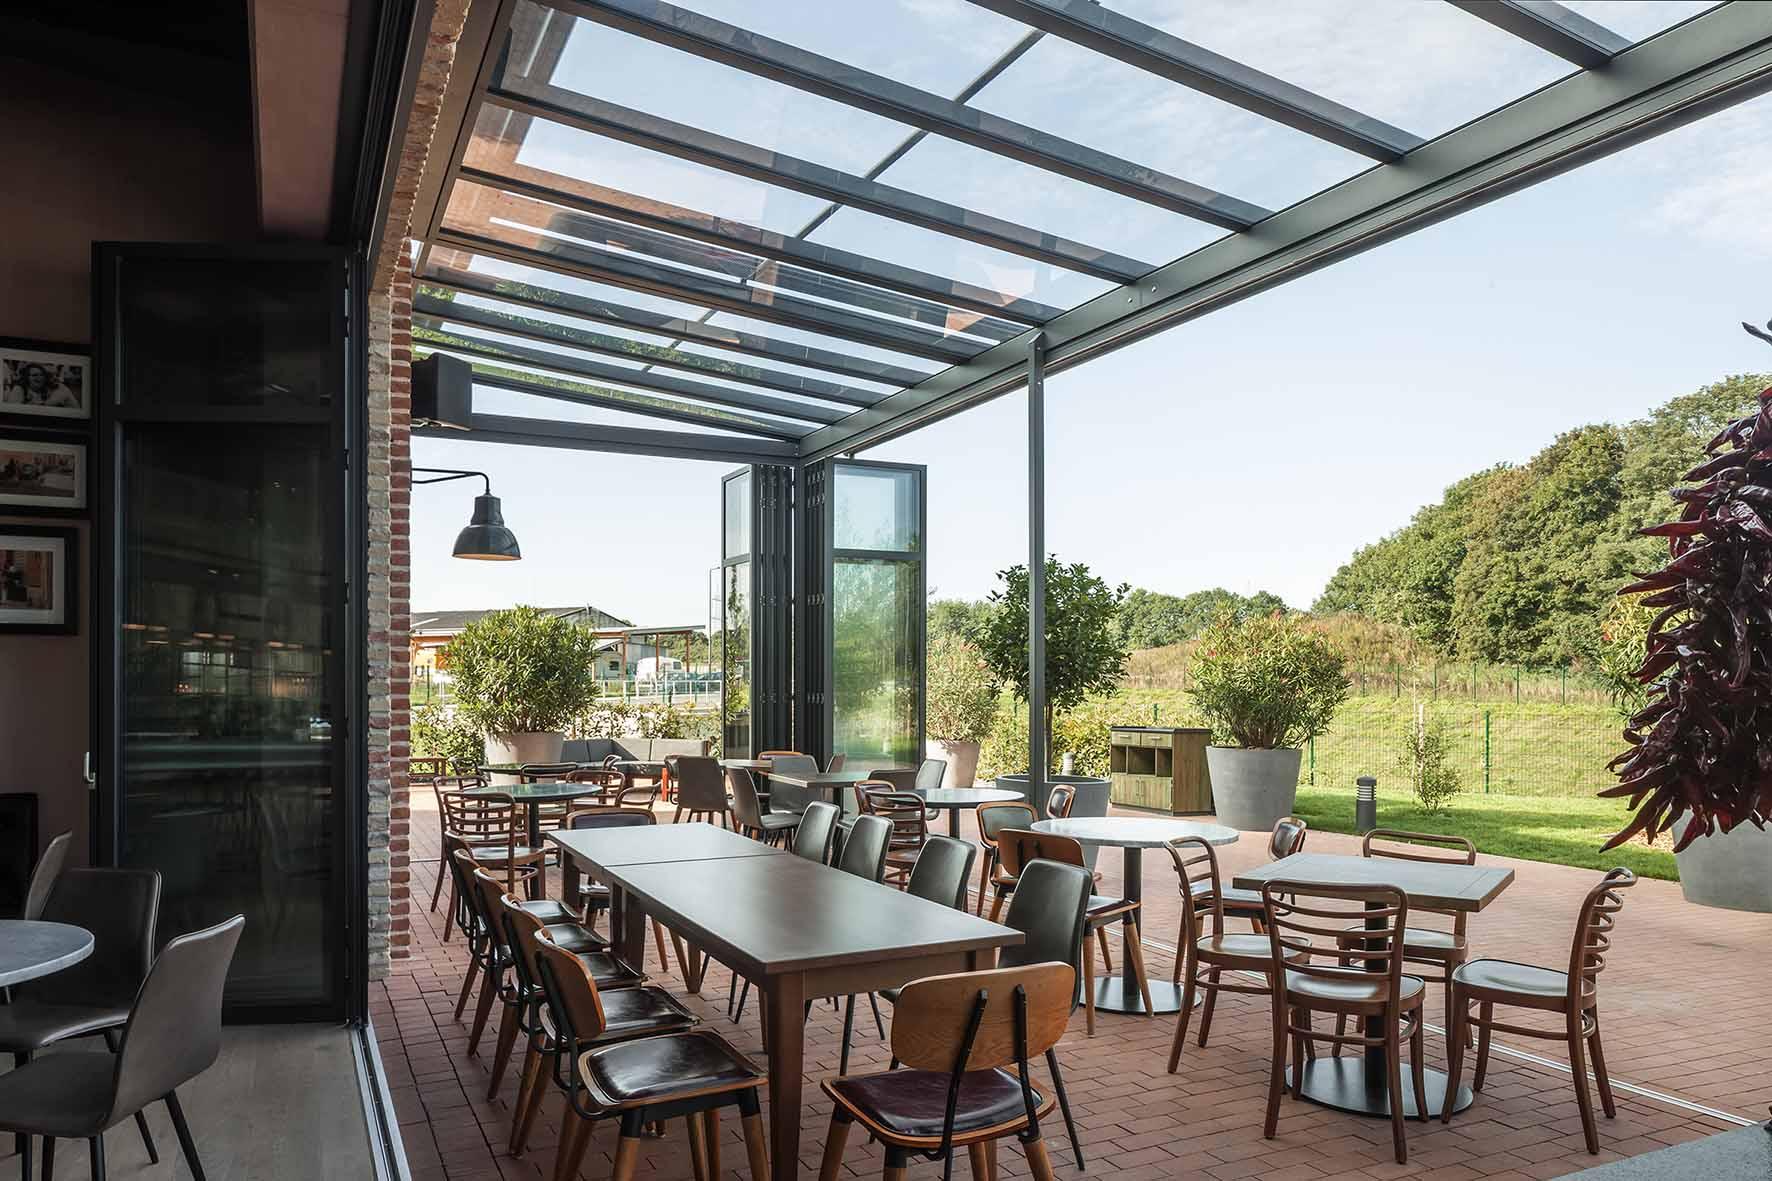 Wintergarten Restaurant von innen